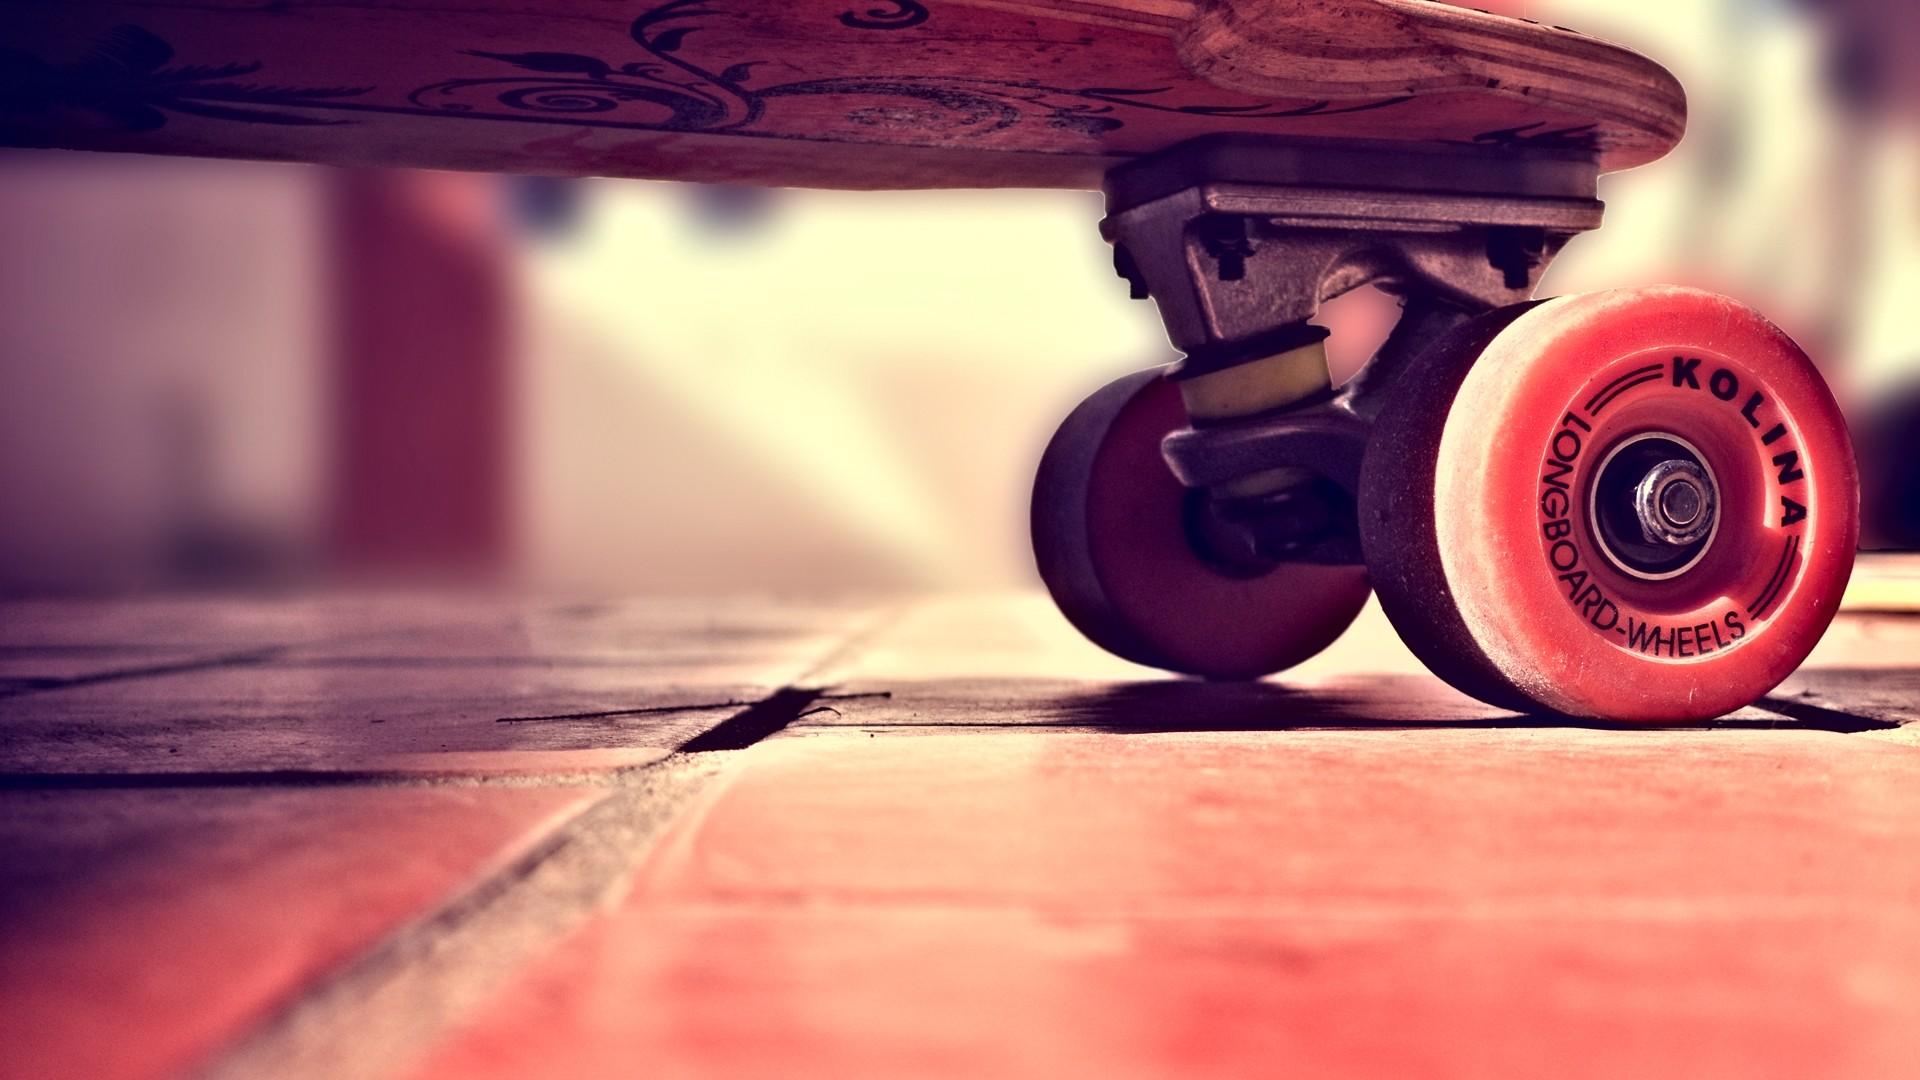 Skateboard hd desktop wallpaper